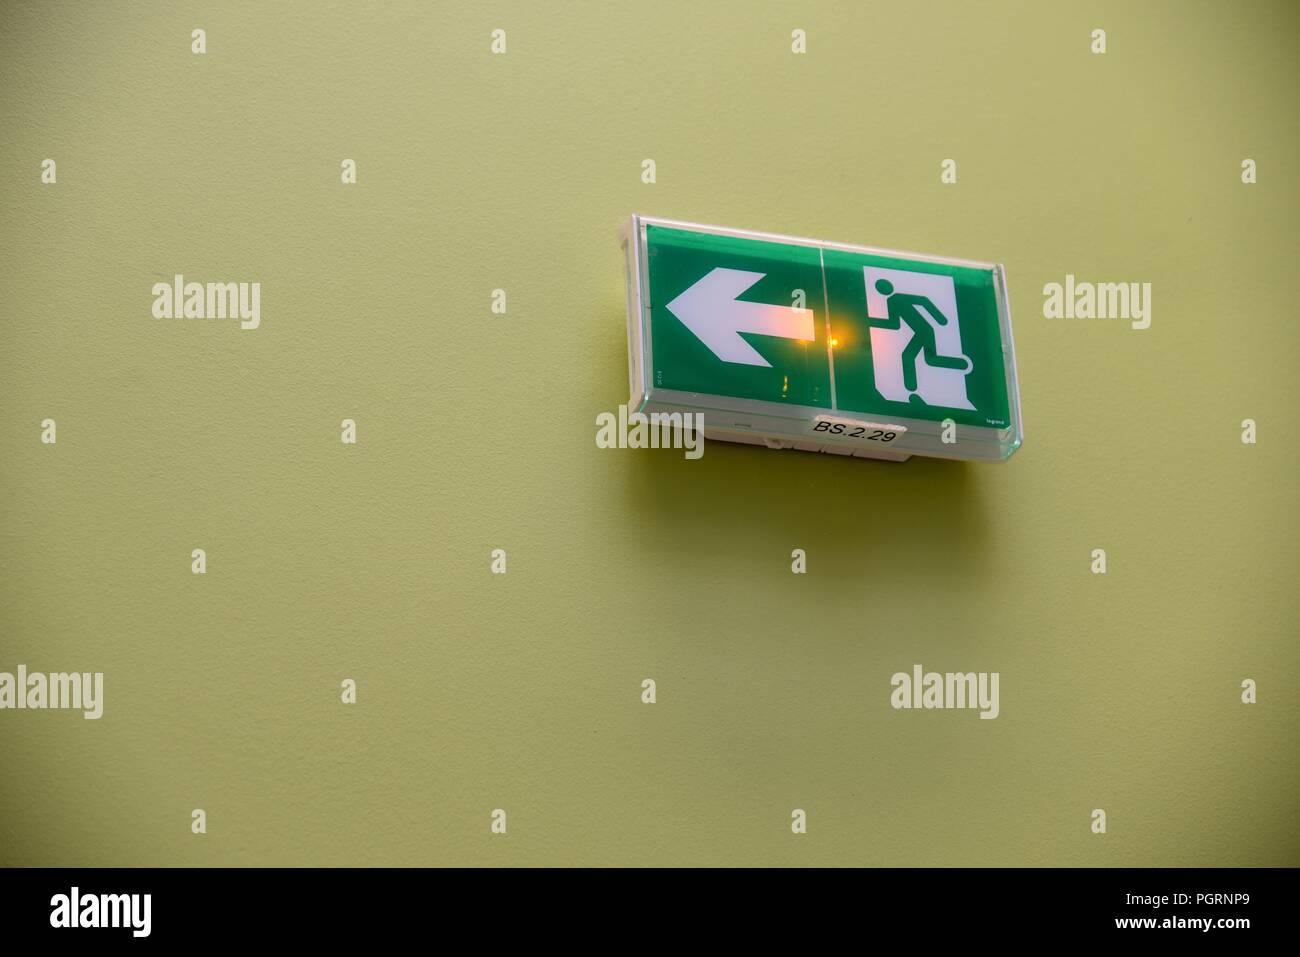 Segnale di uscita un segnale di uscita con una freccia